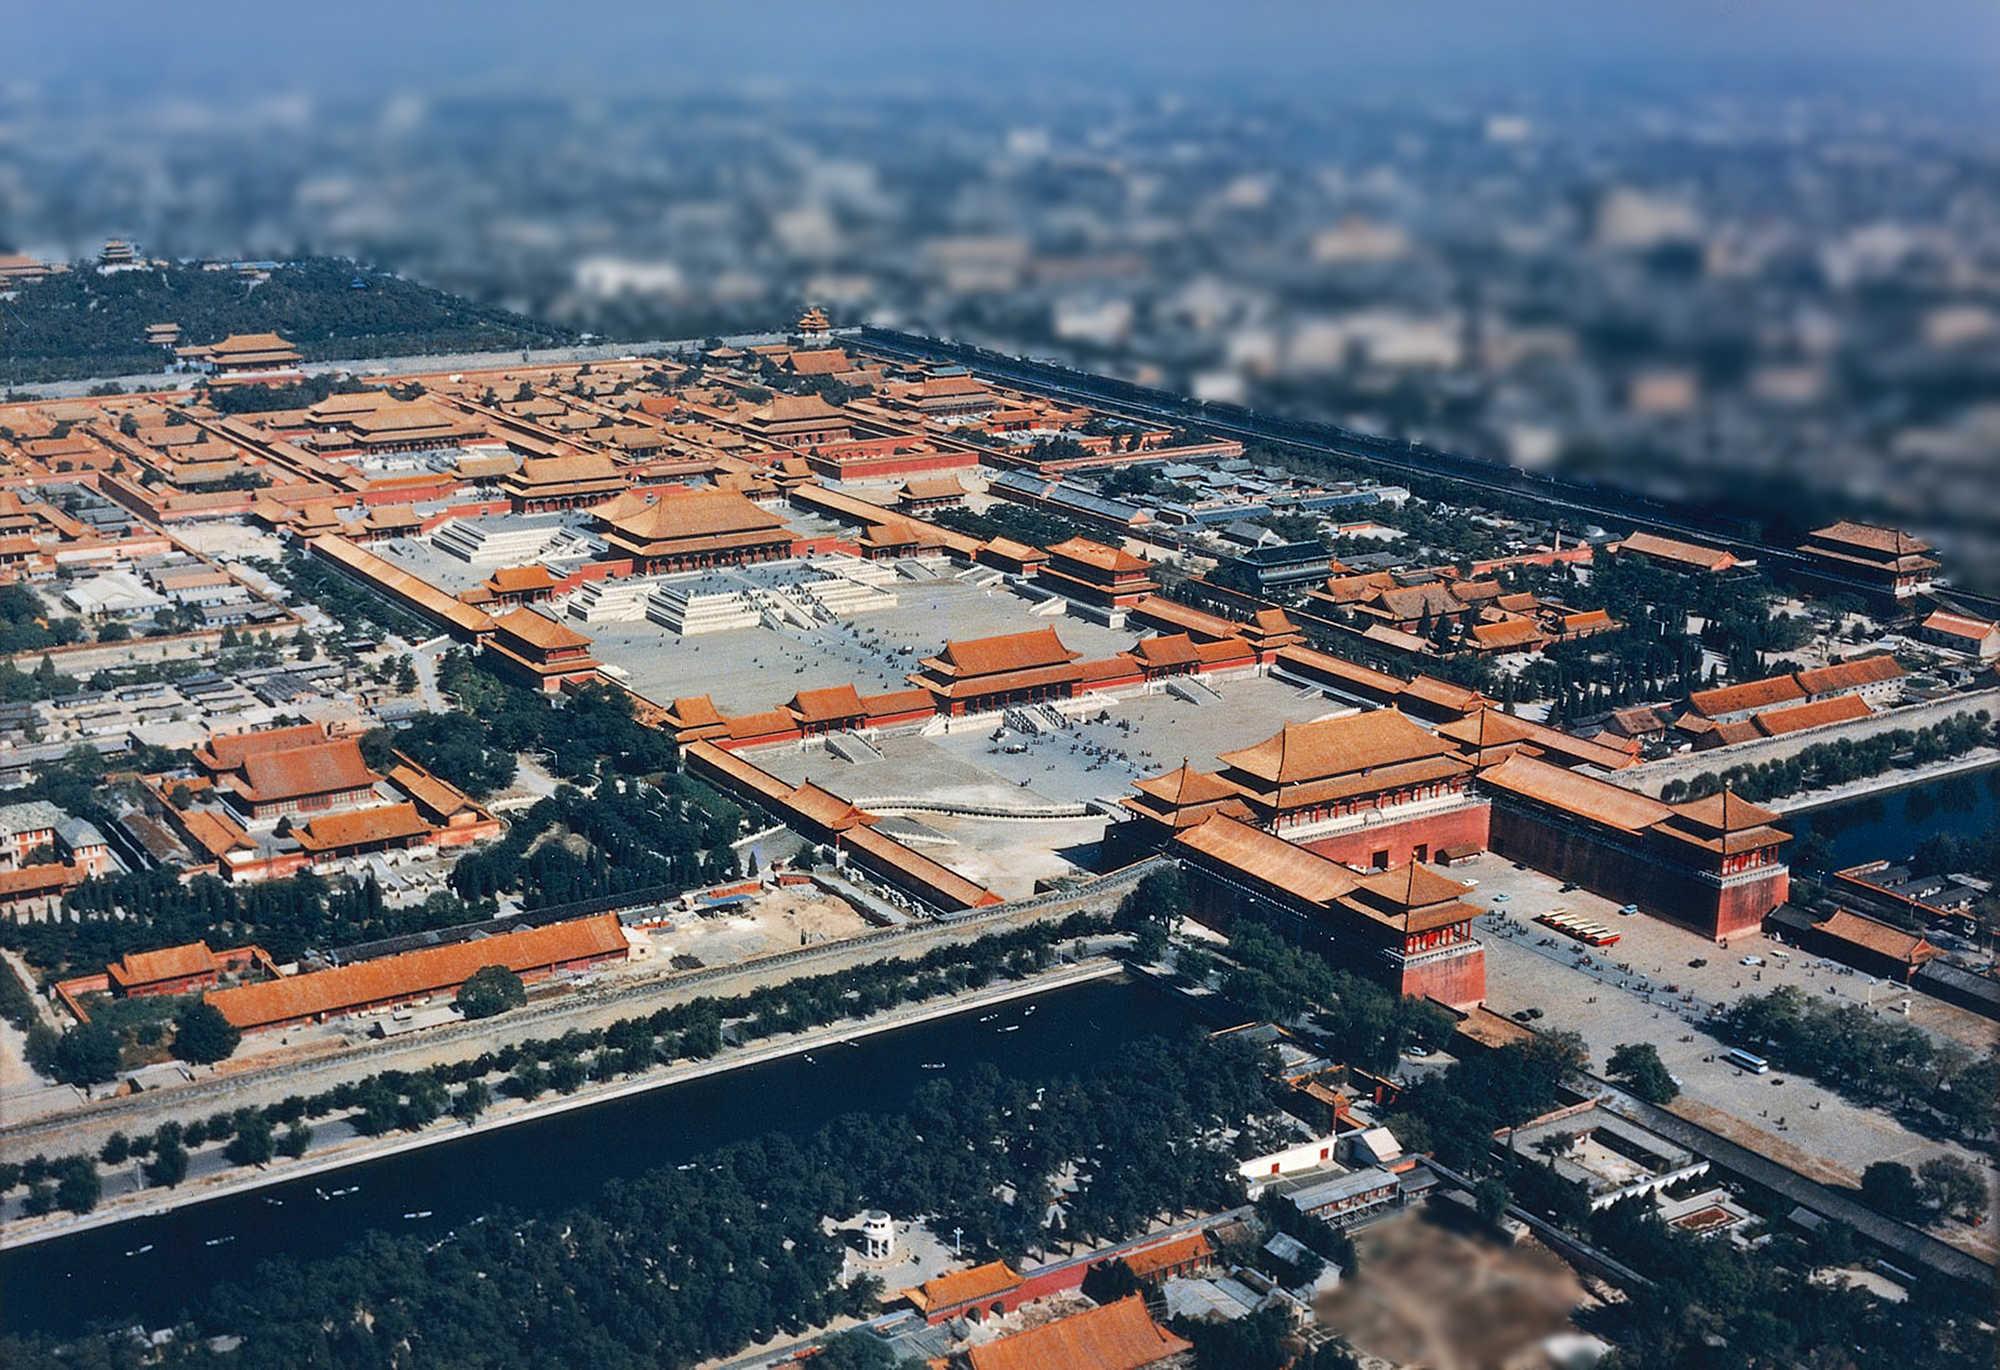 紫禁城的太和殿、中和殿、保和殿端坐在中軸線夯實的最高台基上。